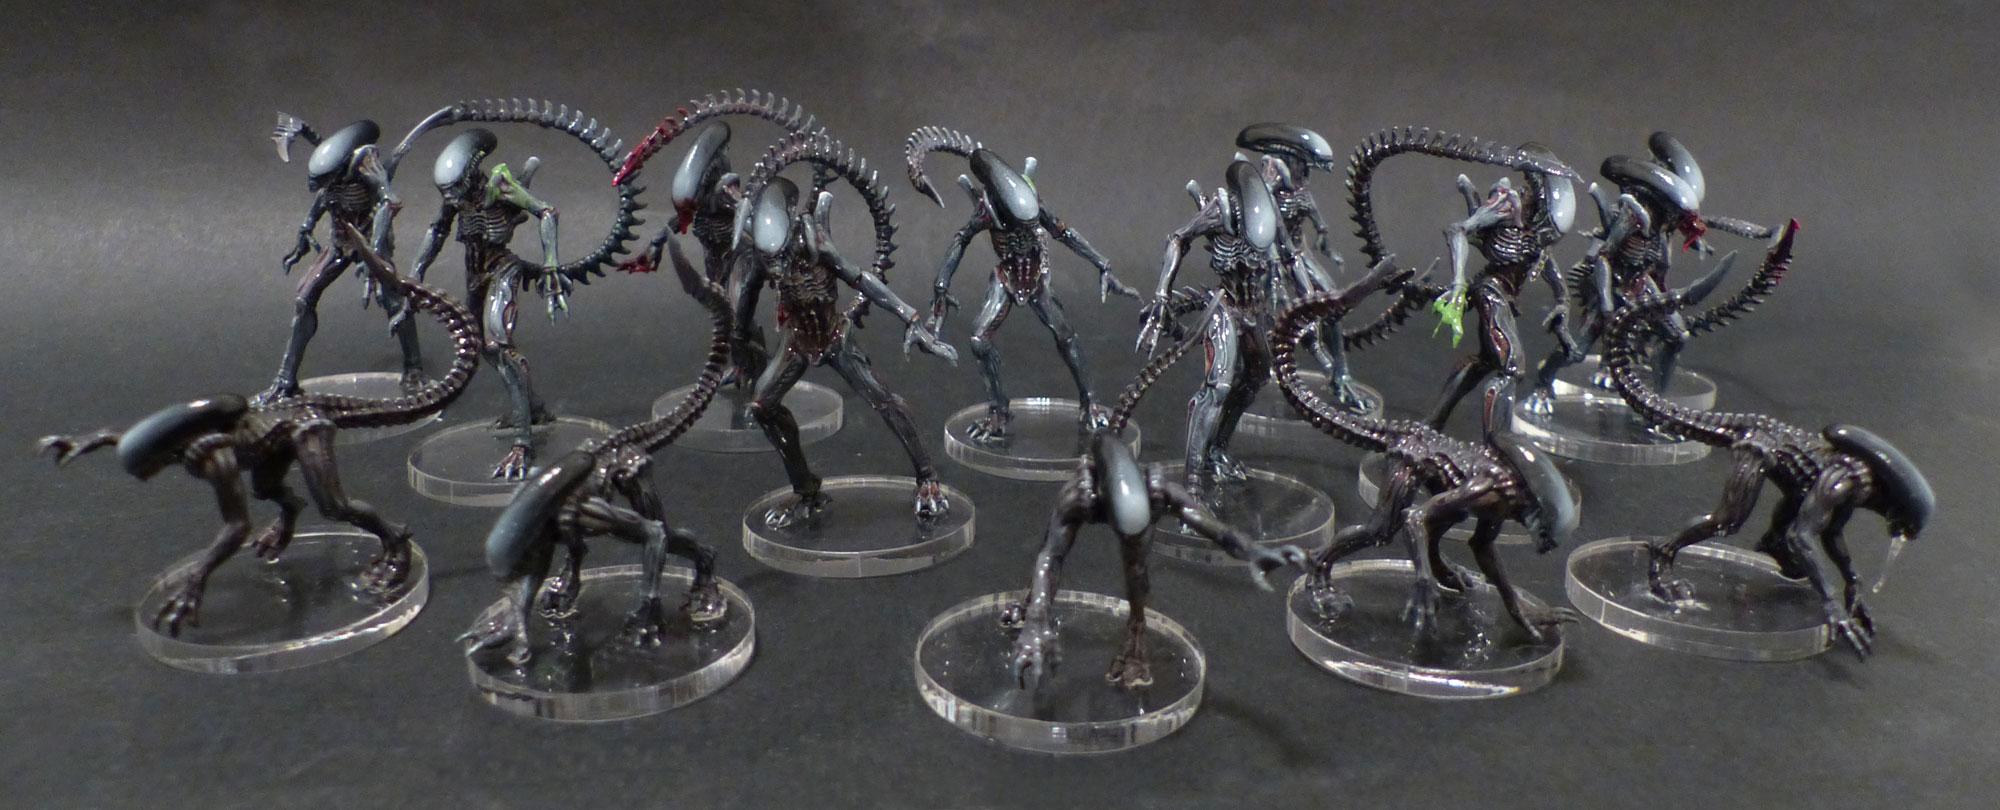 Les travaux d'Ivankaiser : ZOMBICIDE, Gohan et sa bande ! Avp-alien